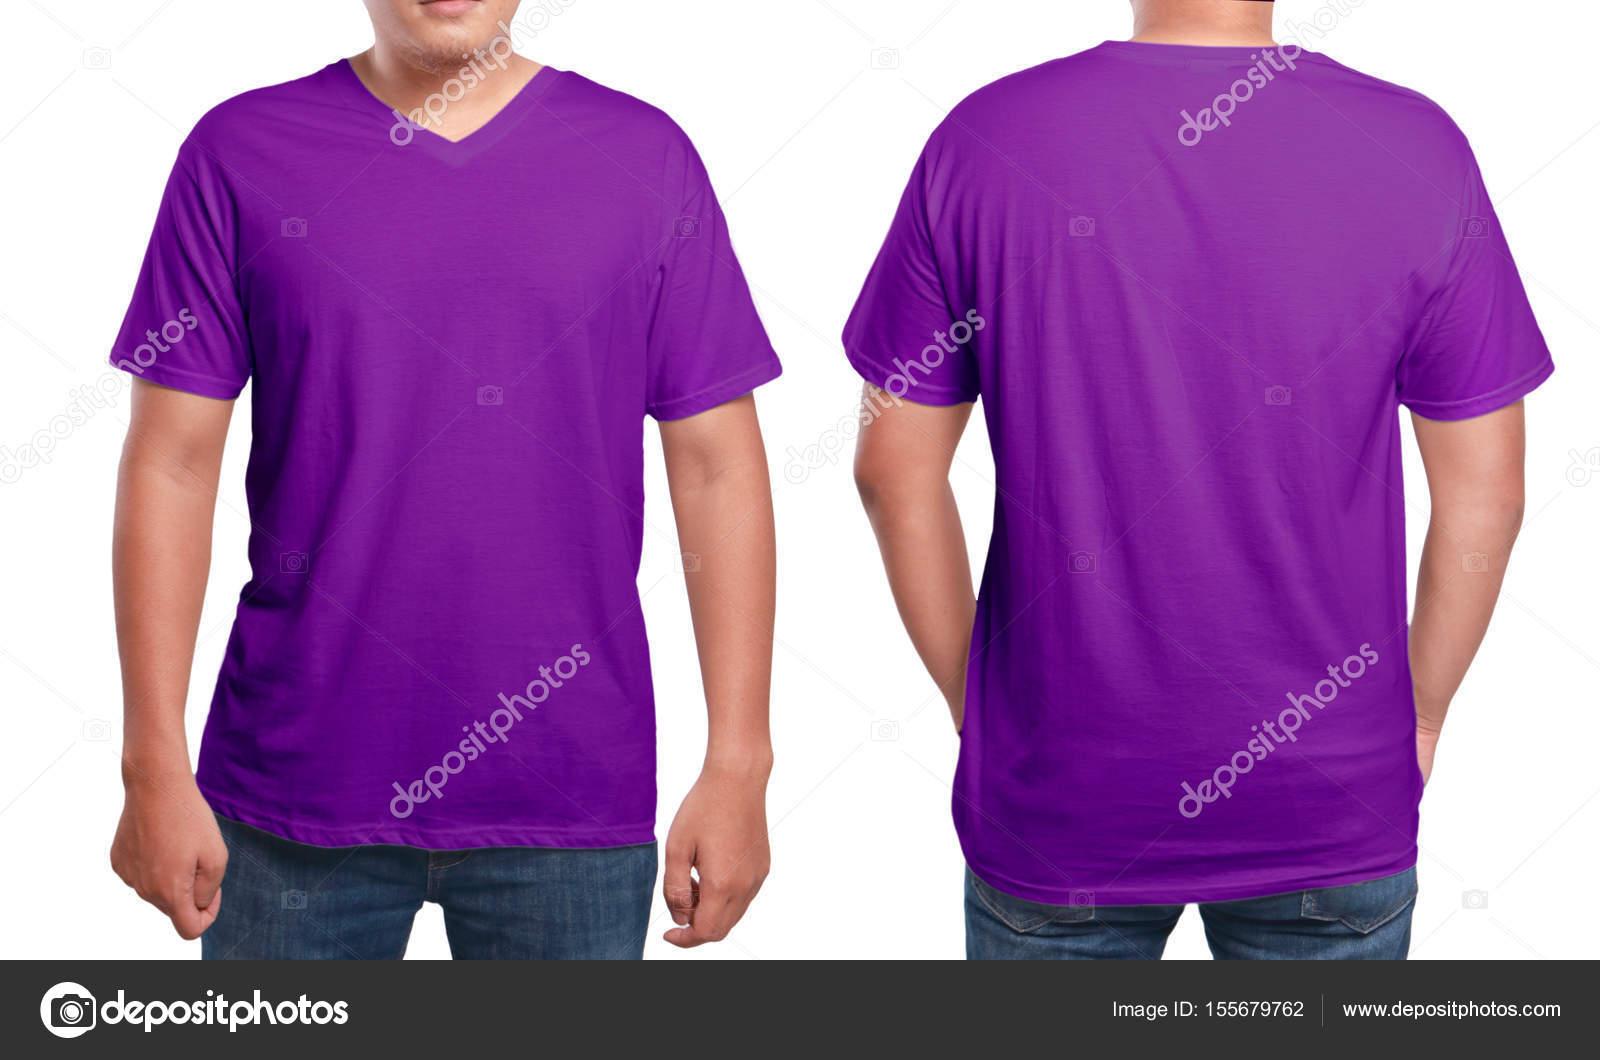 Lila v-Neck-Shirt-Design-Vorlage — Stockfoto © airdone #155679762